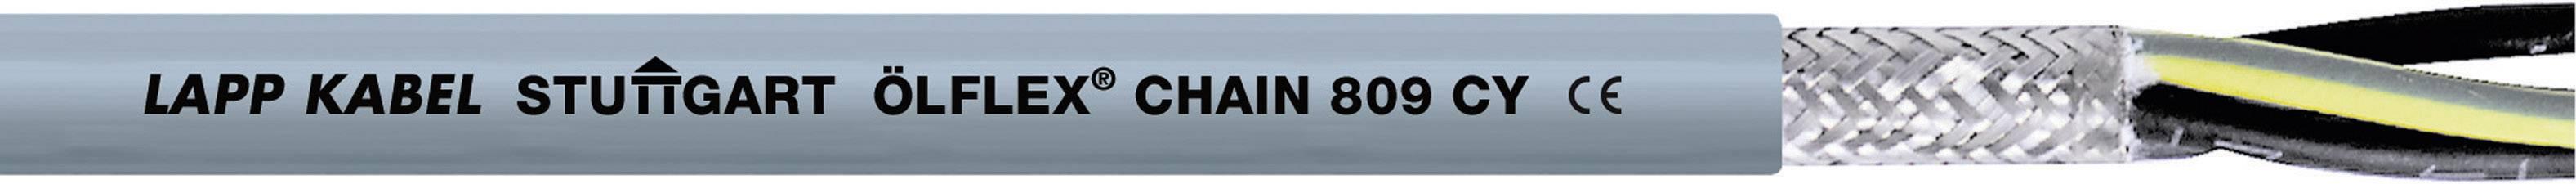 Žíla kabelu LappKabel ÖLFLEX CHAIN 809 CY 4G1,0 (1026769), 4x 1 mm², PVC, Ø 7,5 mm, stíněný, 50 m, šedá